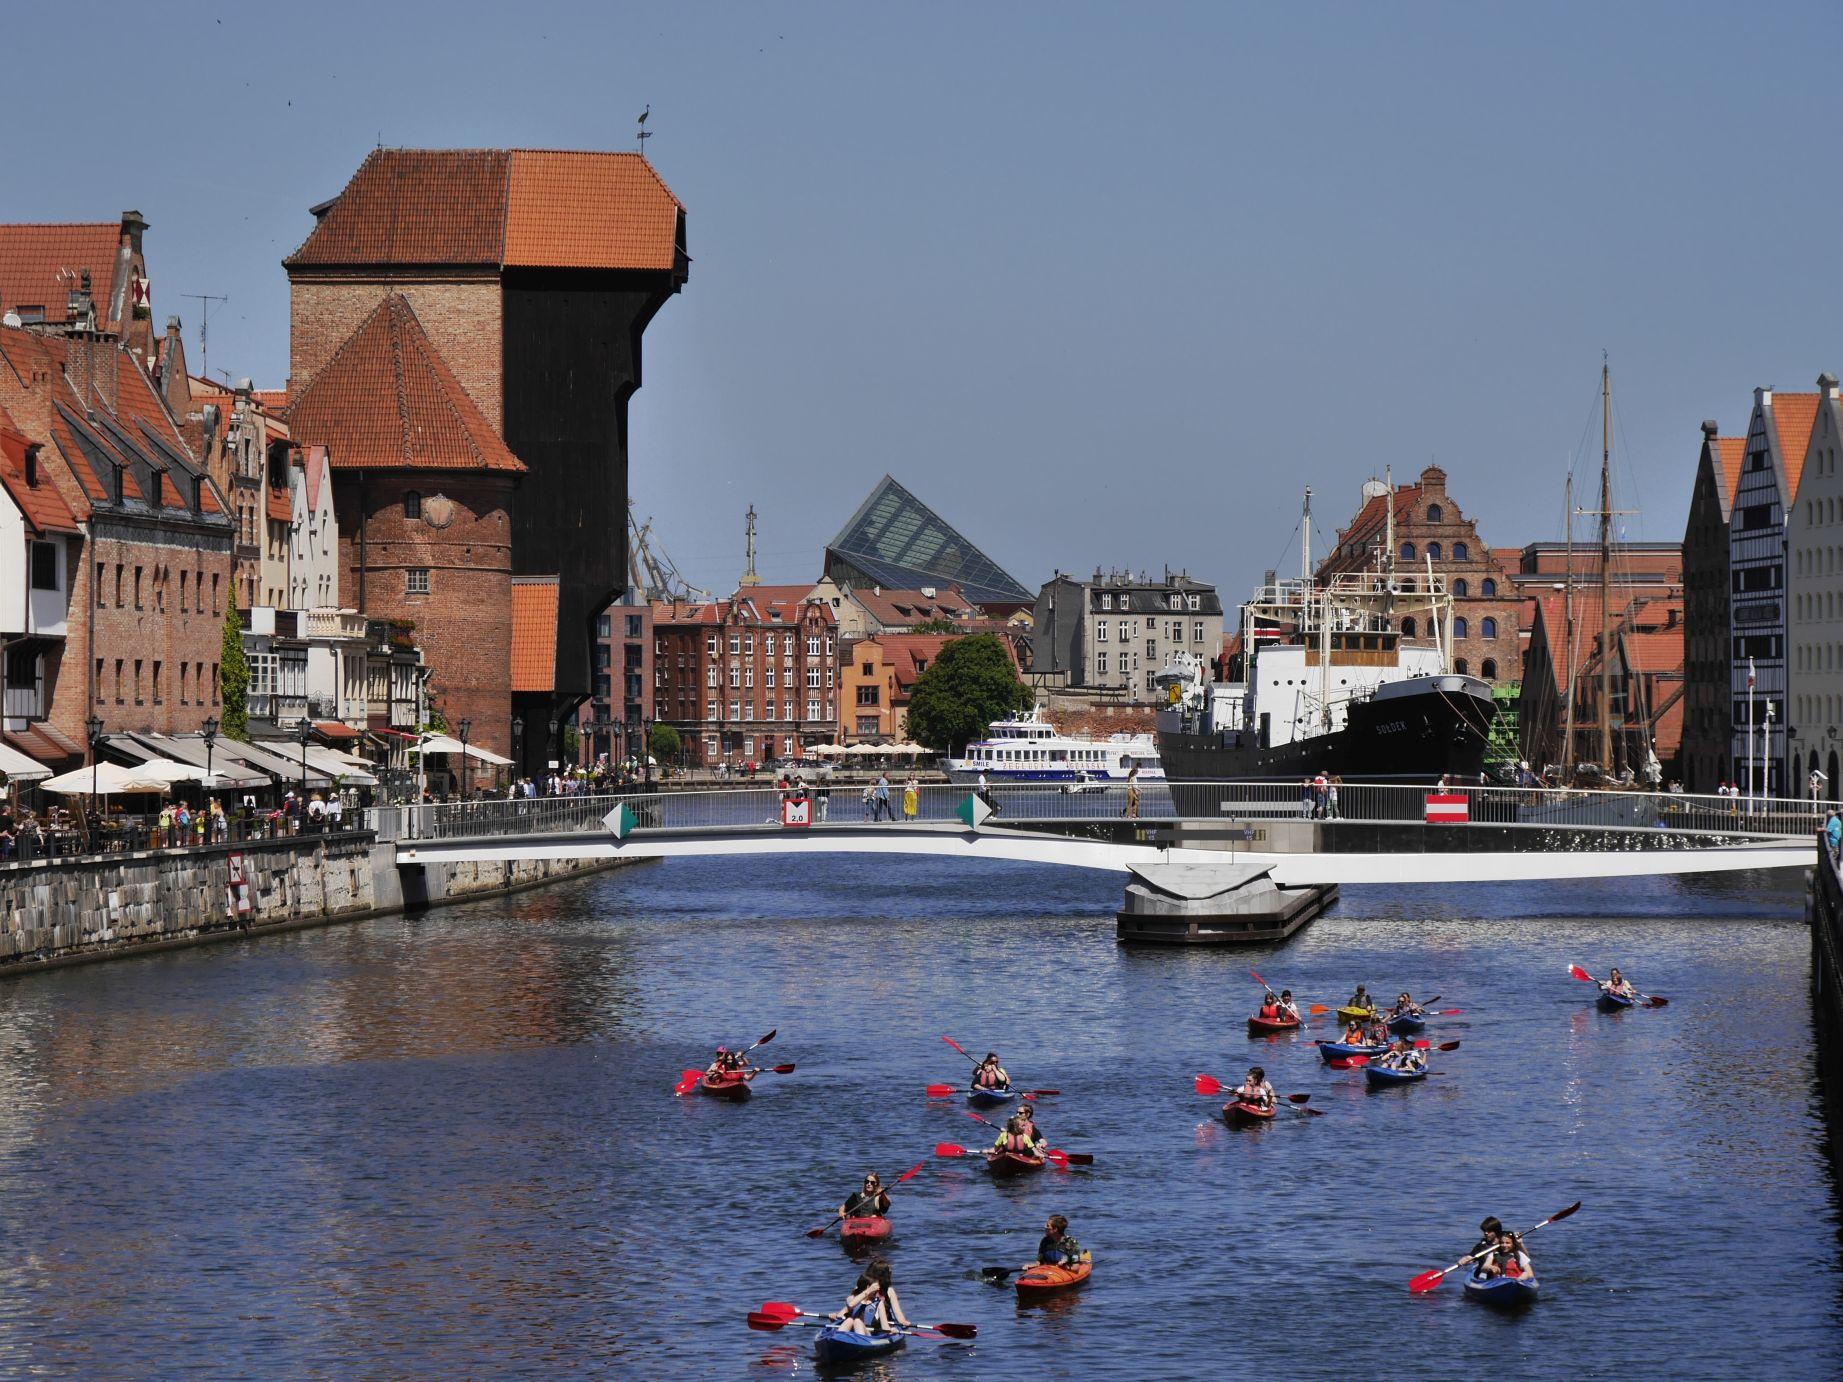 Am Ufer der Mottlau in Danzig (Gdansk)